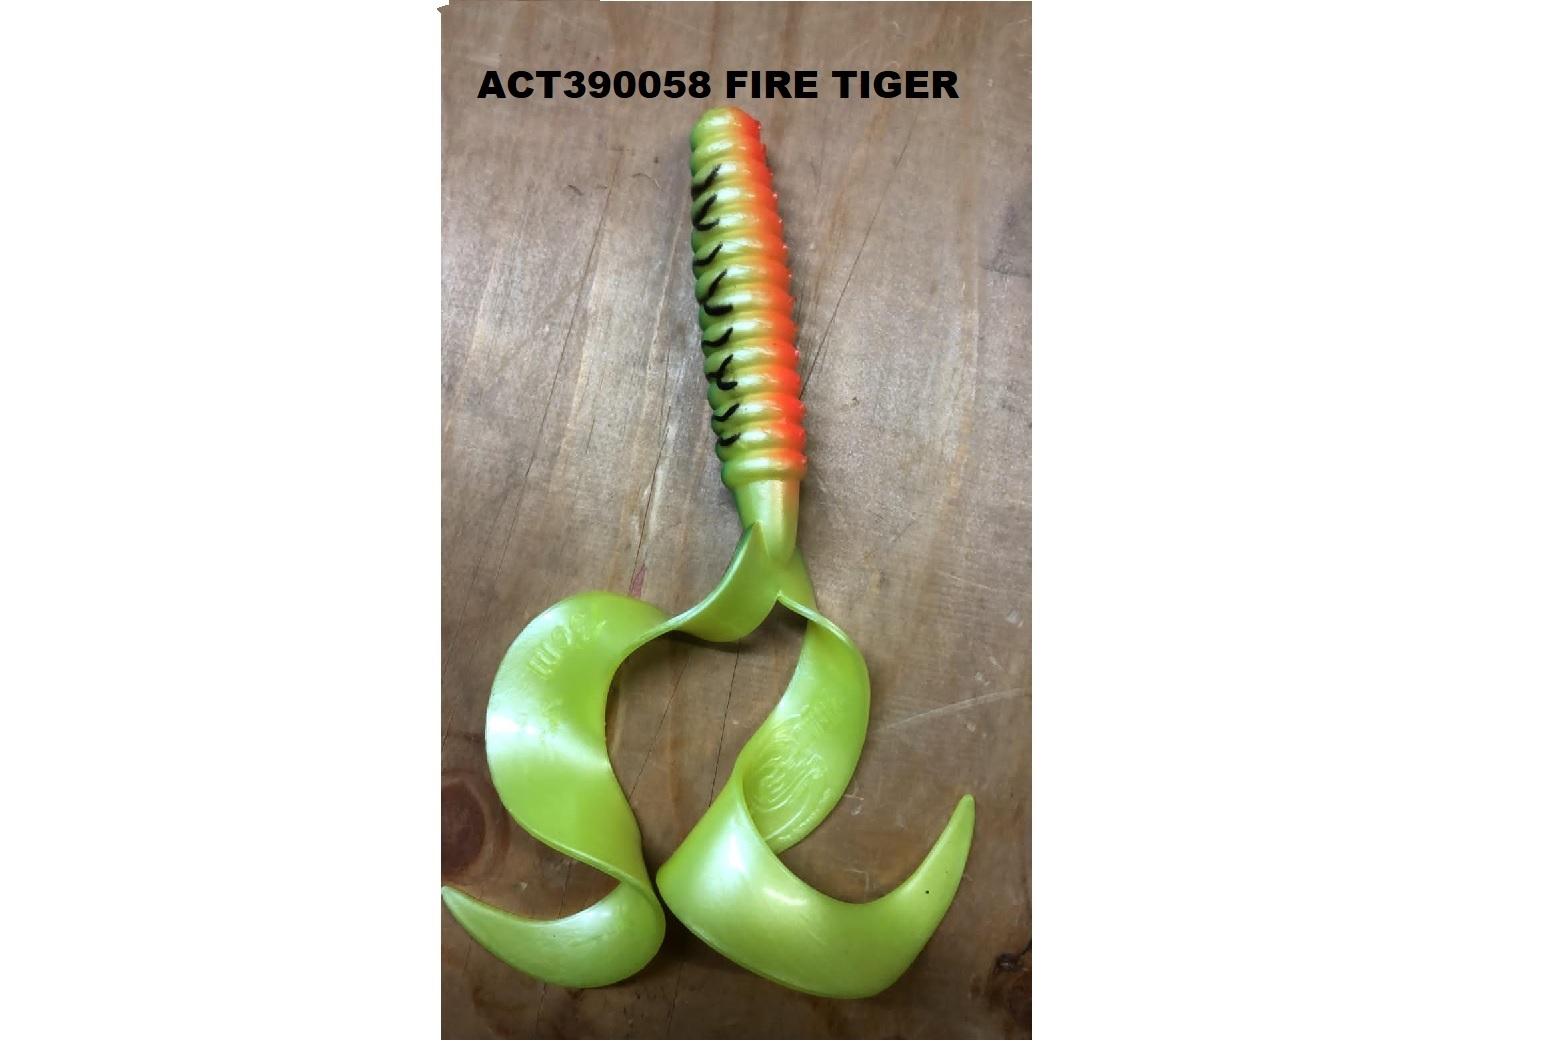 Esca Cat Spirit Double Wave 15 cm Fire Tiger act390058